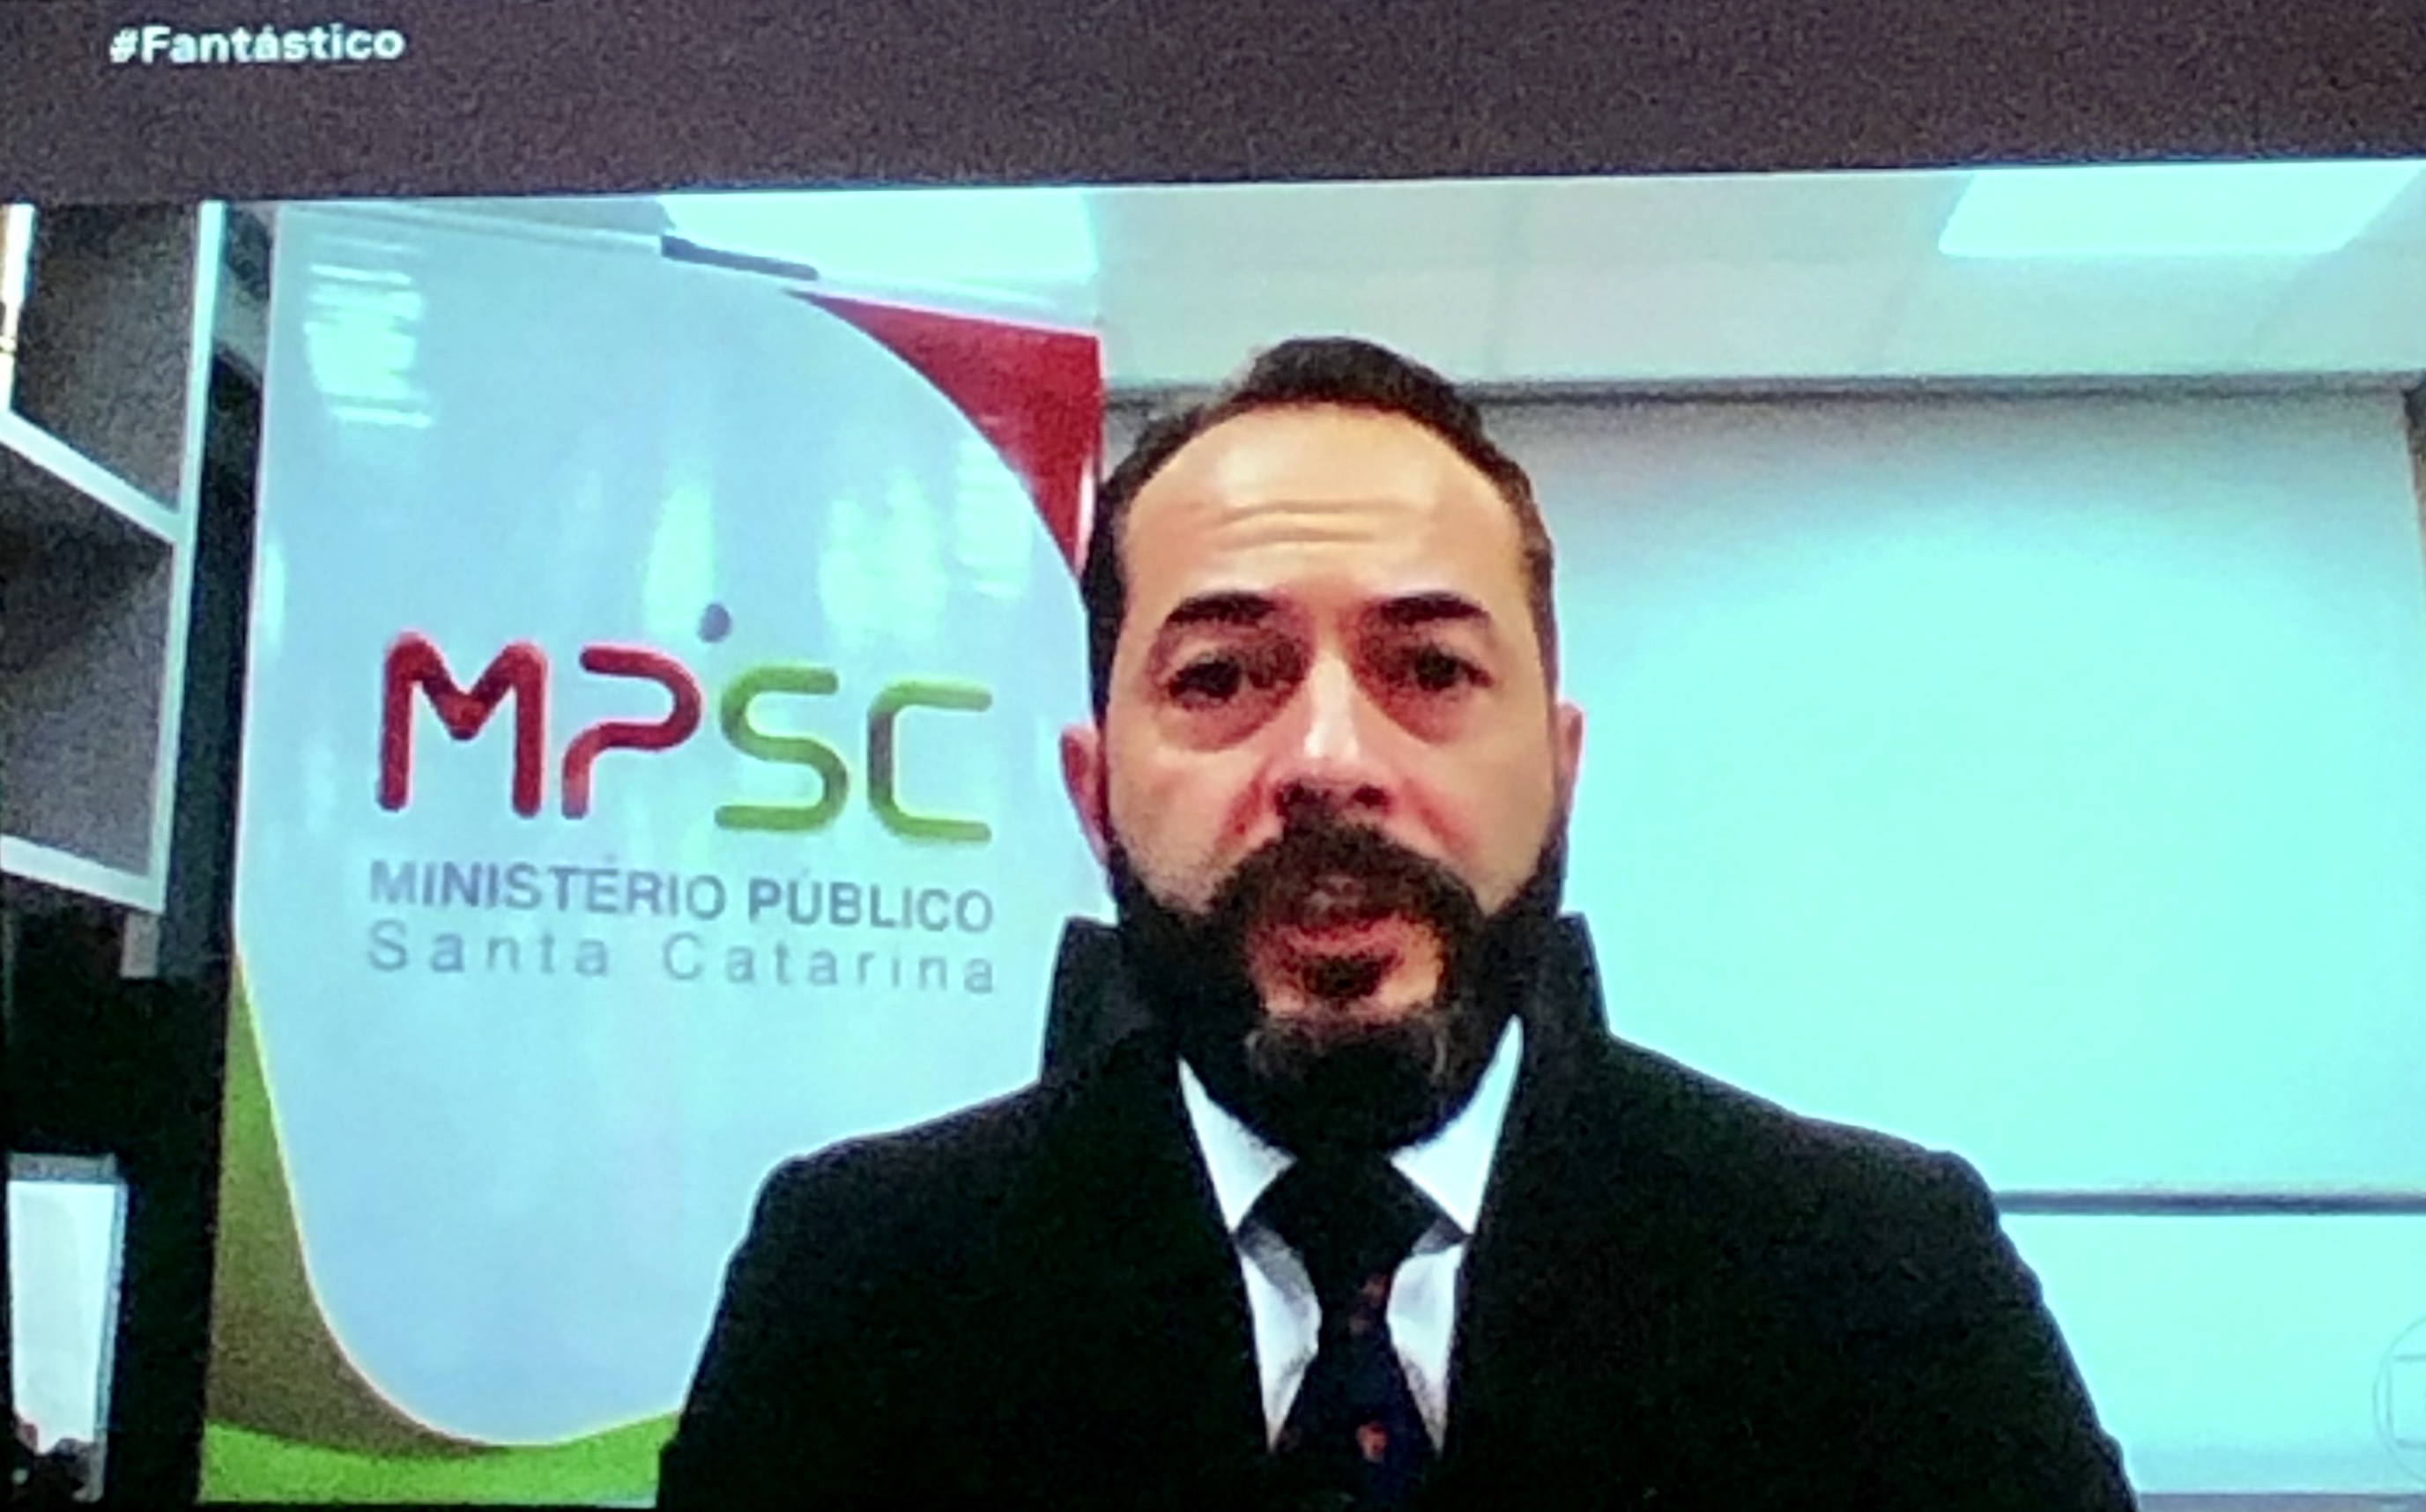 Chefe do MPSC, Fernando da Silva Comin, concedeu entrevista   Reprodução